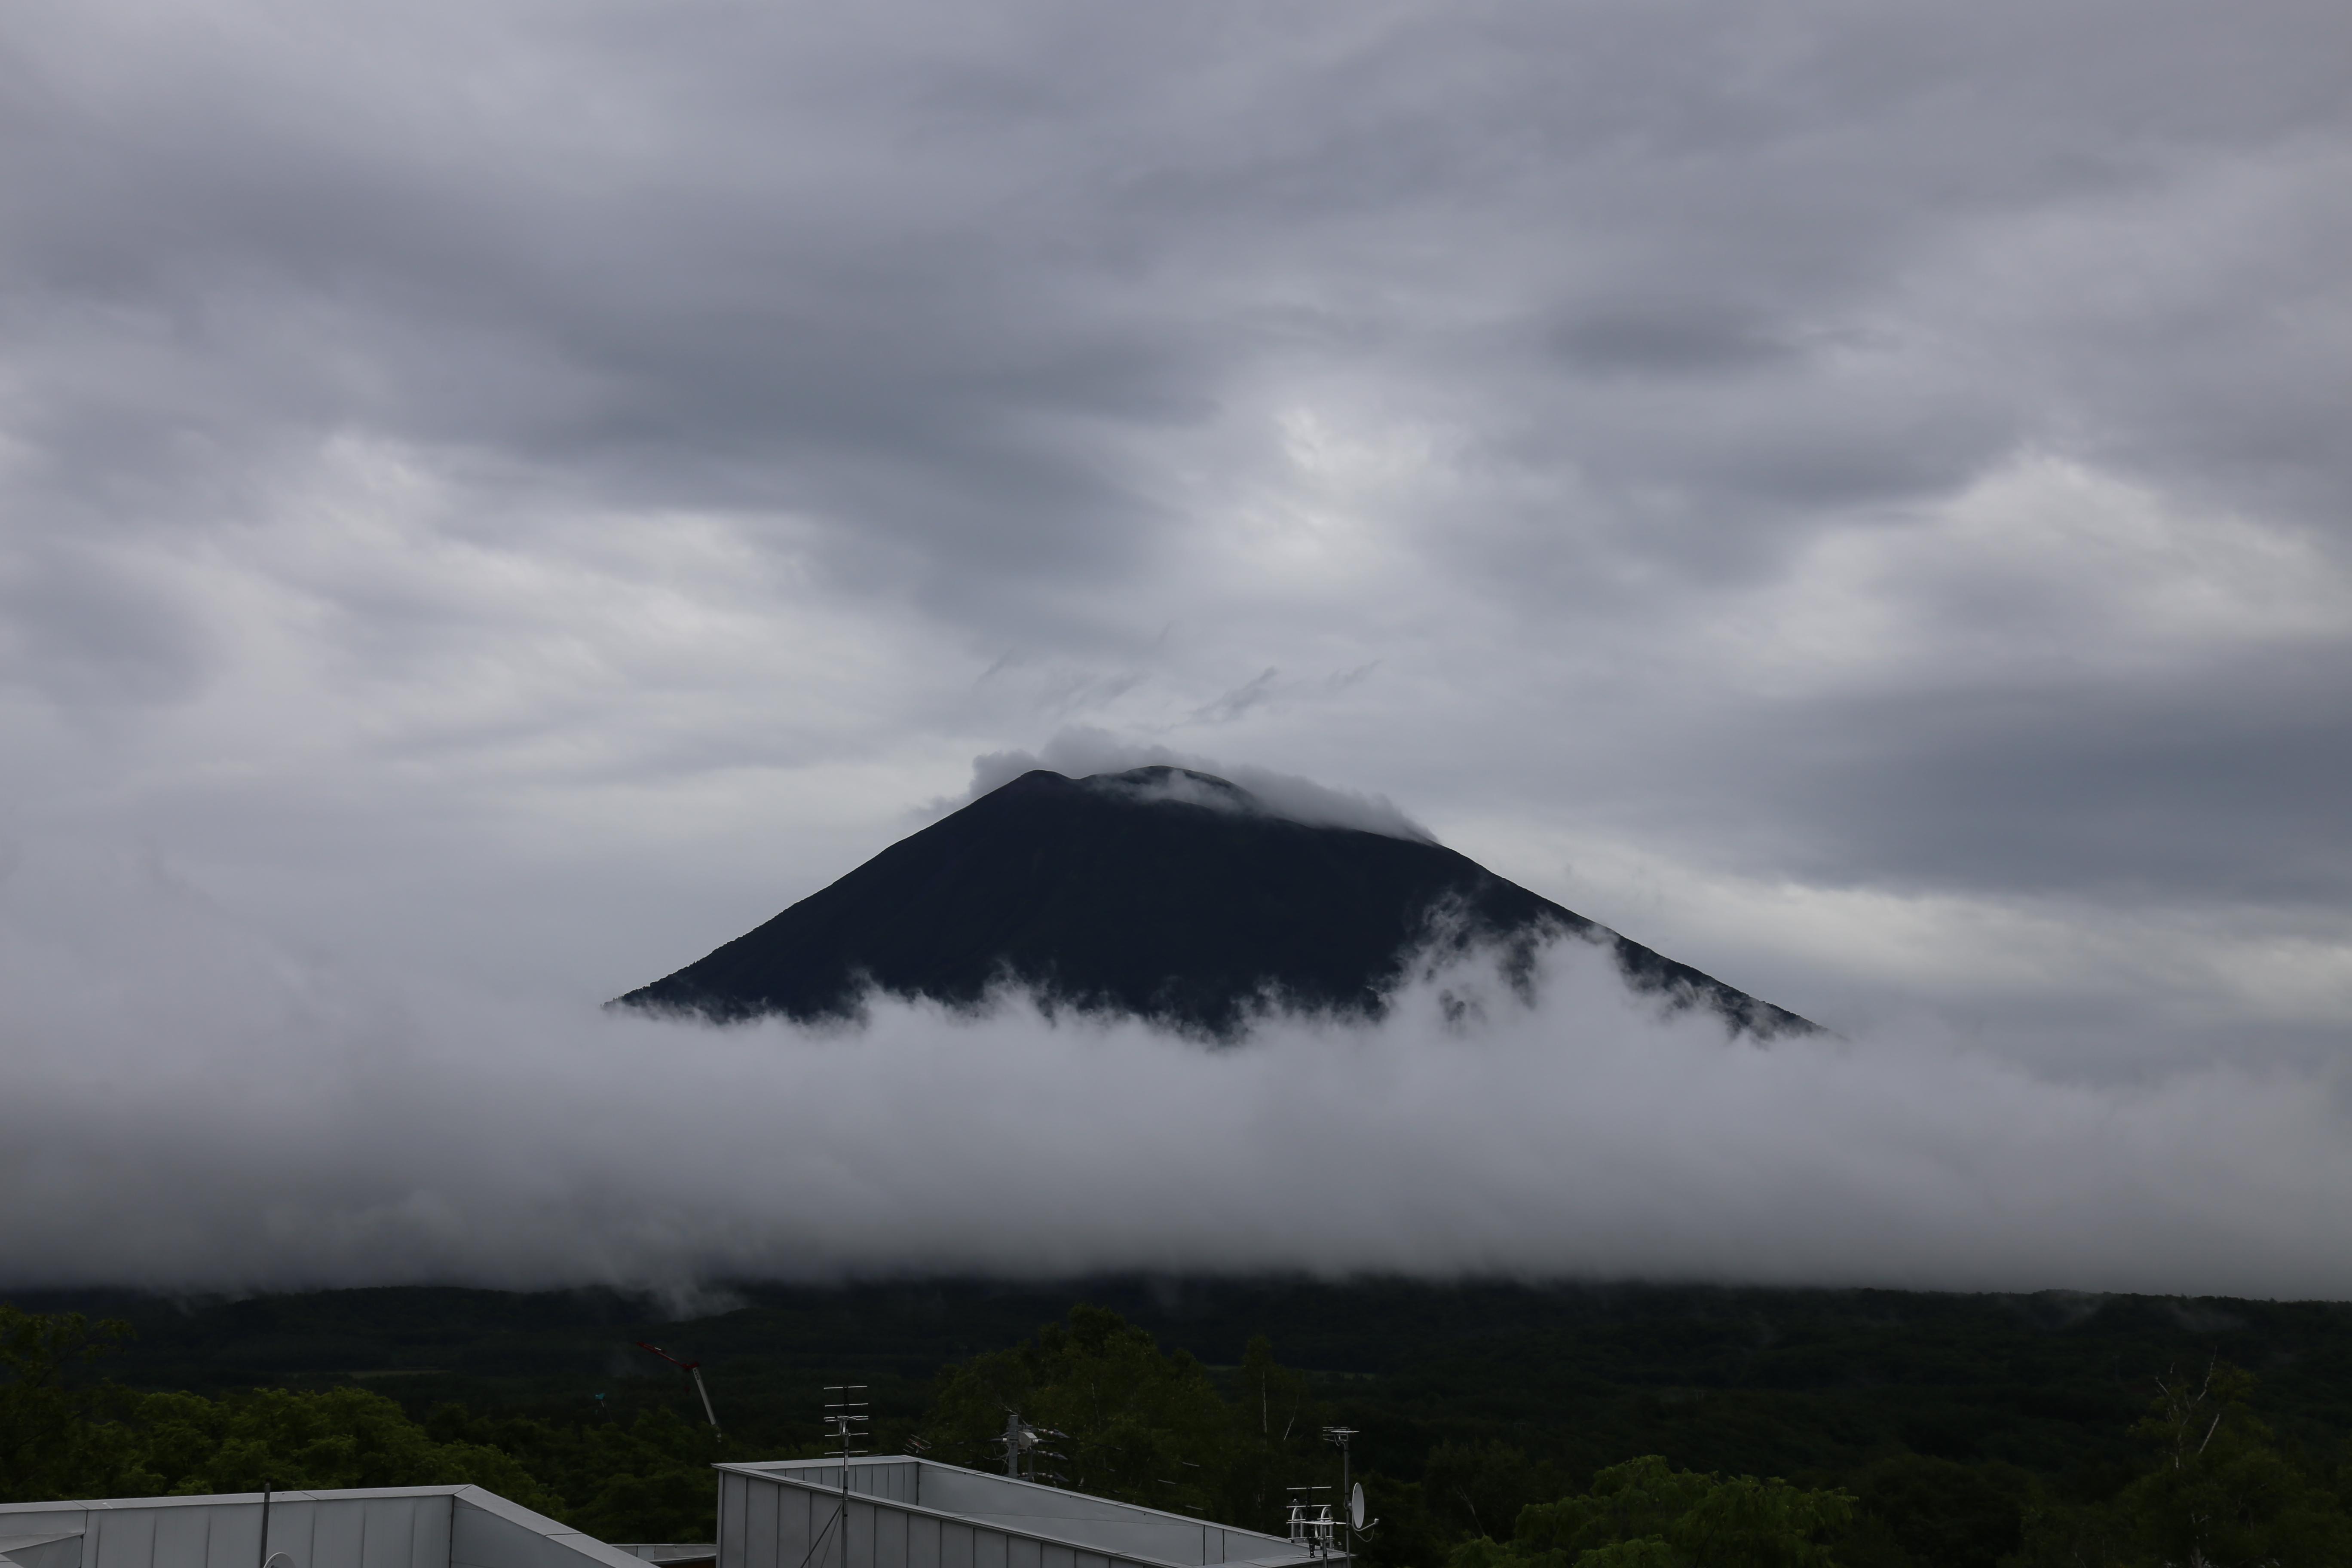 인연은 태풍을 타고|태풍 - 홋카이도 한 달 살기